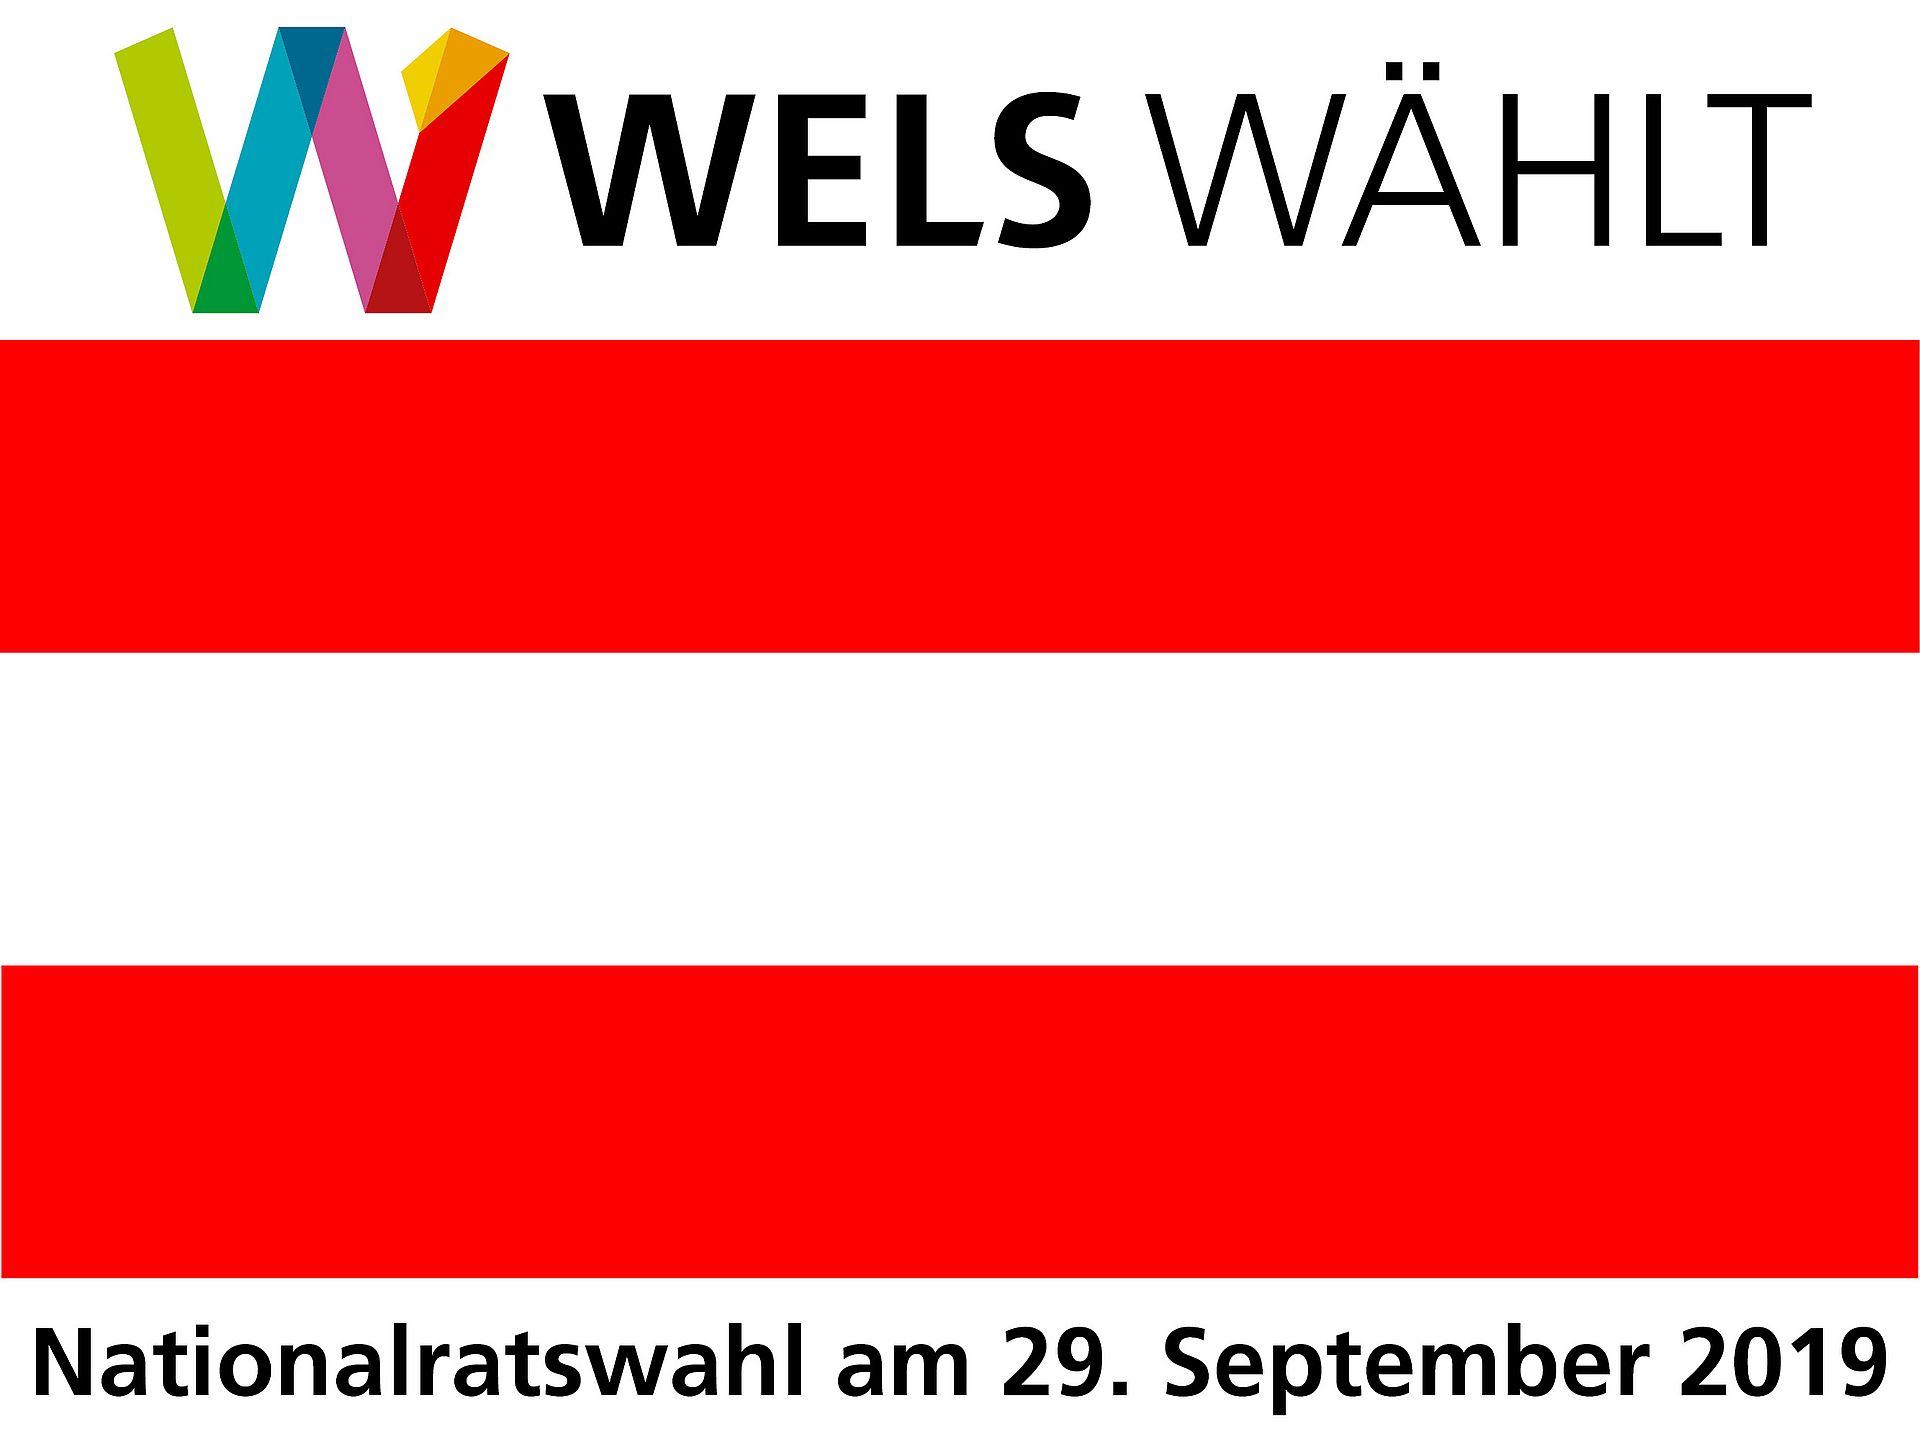 Wels wählt Logo - Nationalratswahl 2019